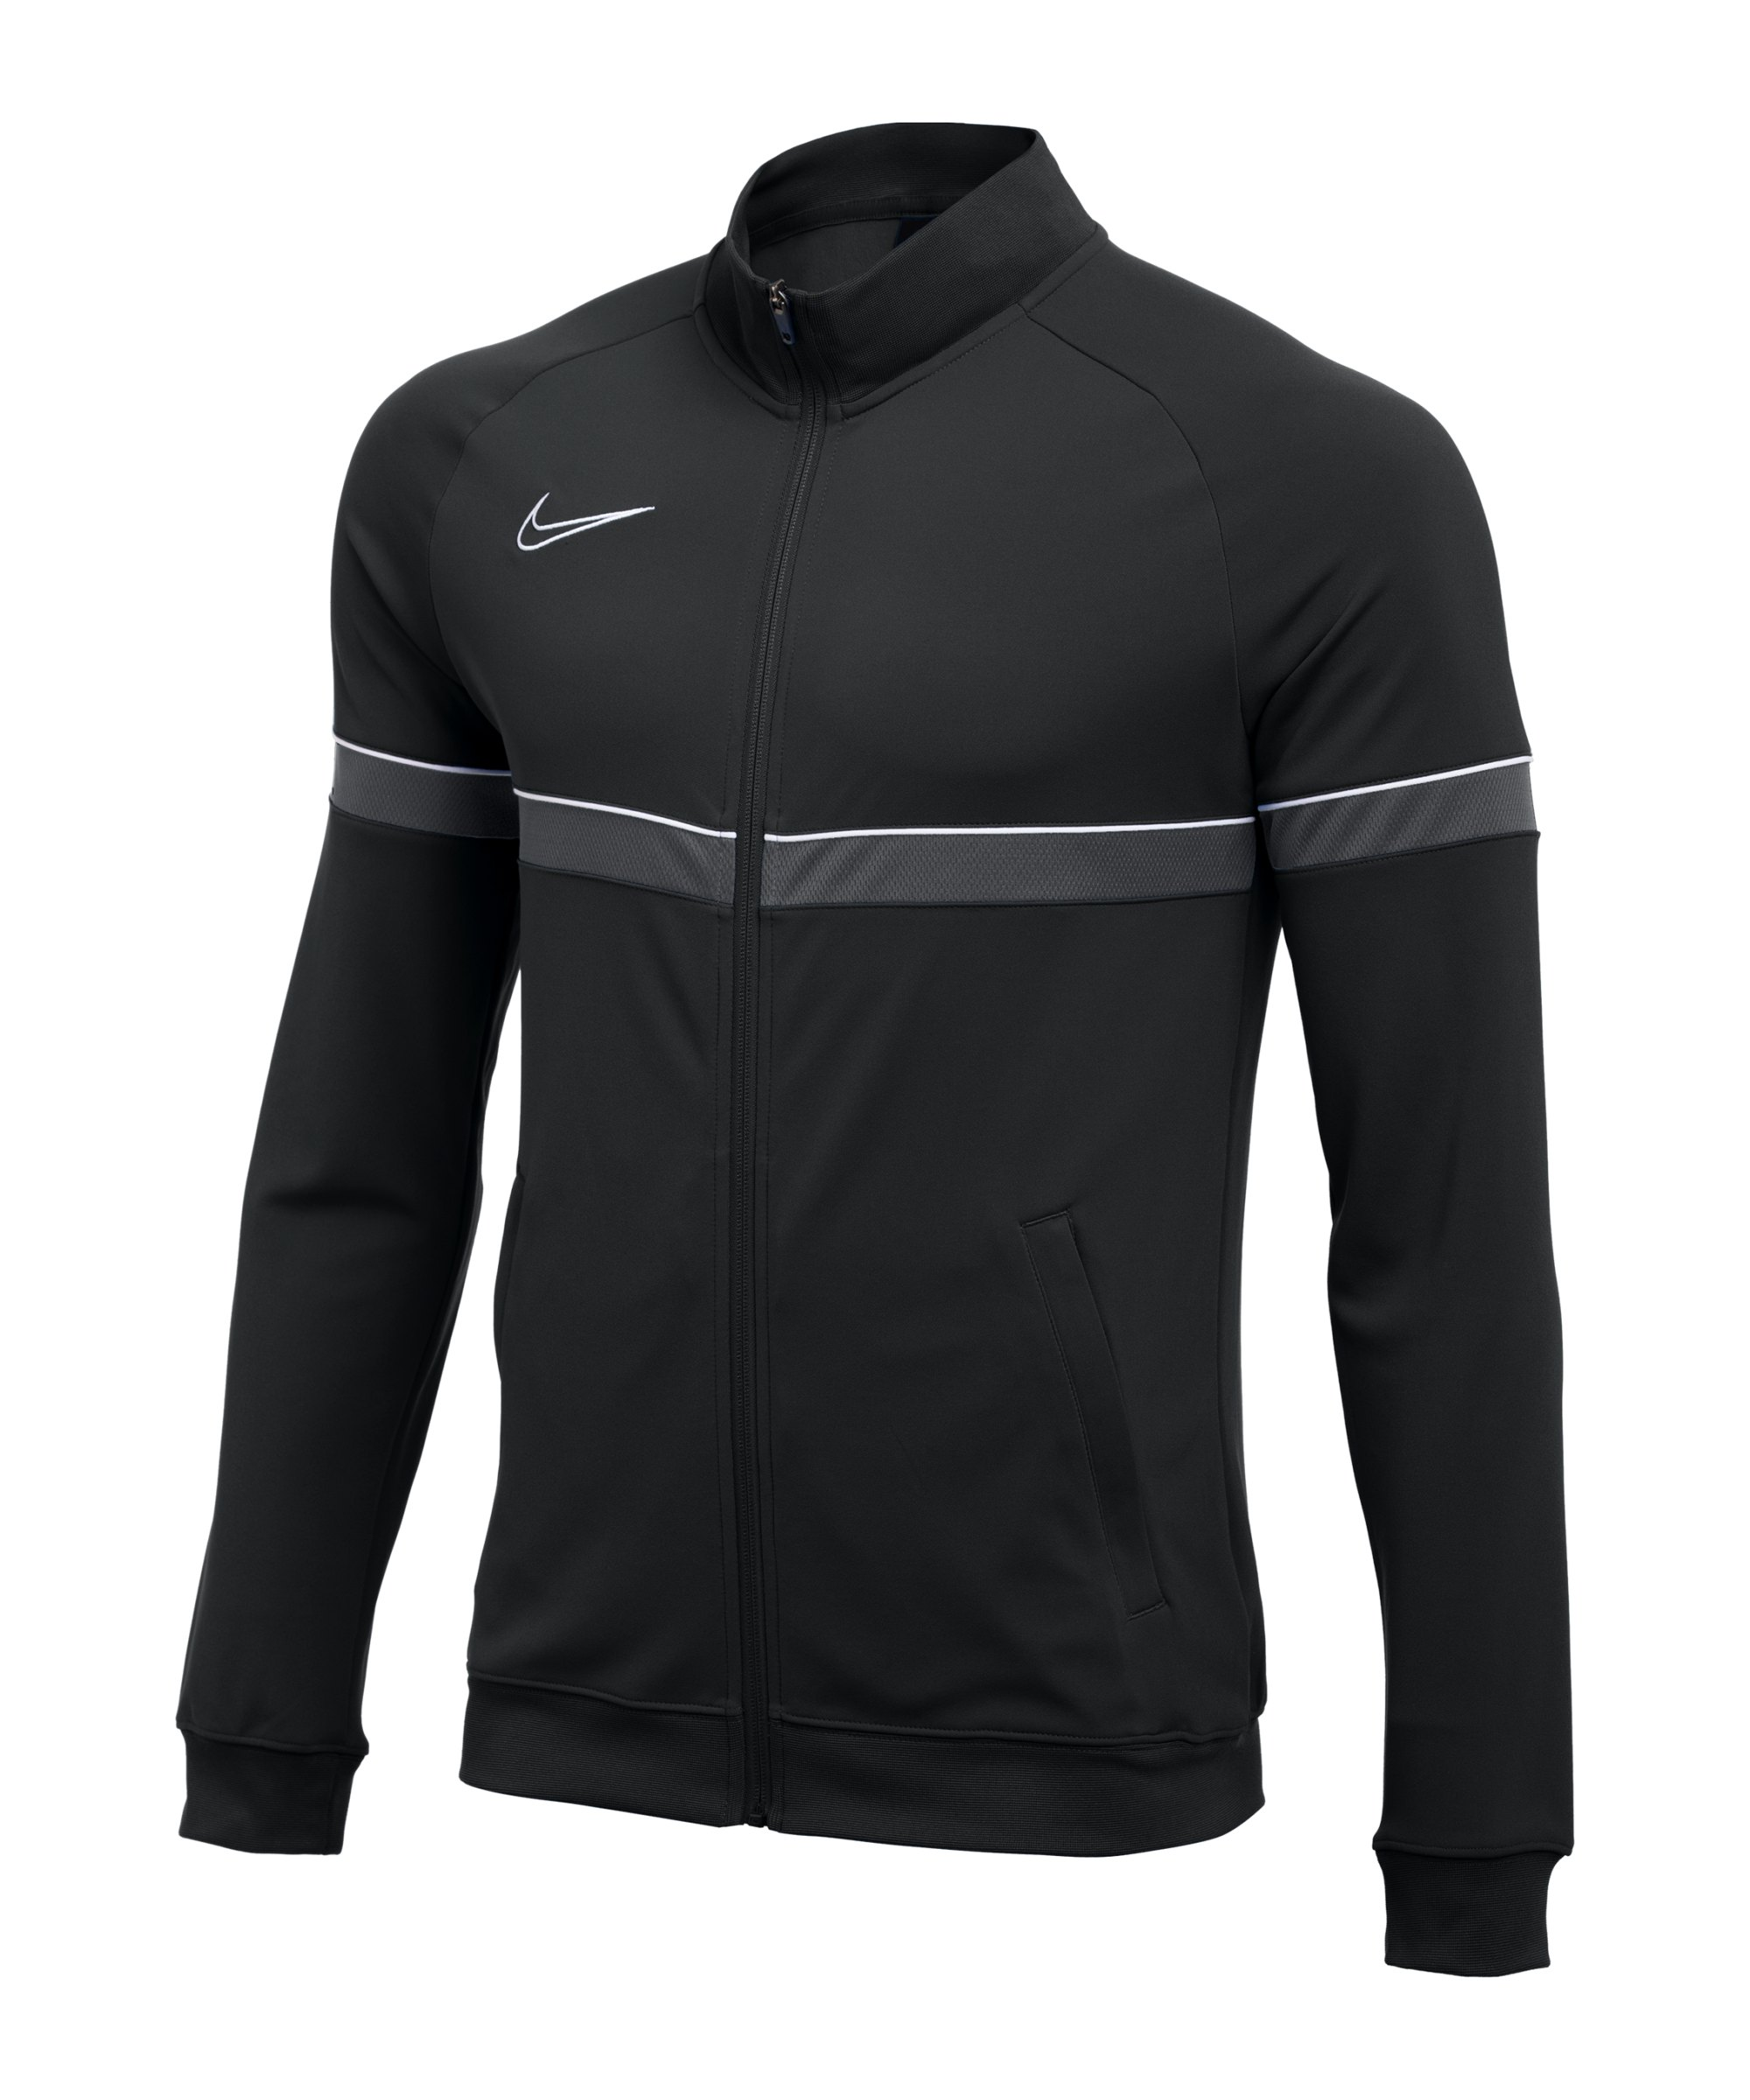 Nike Academy Knit Trainingsjacke Kids Schwarz F014 - schwarz